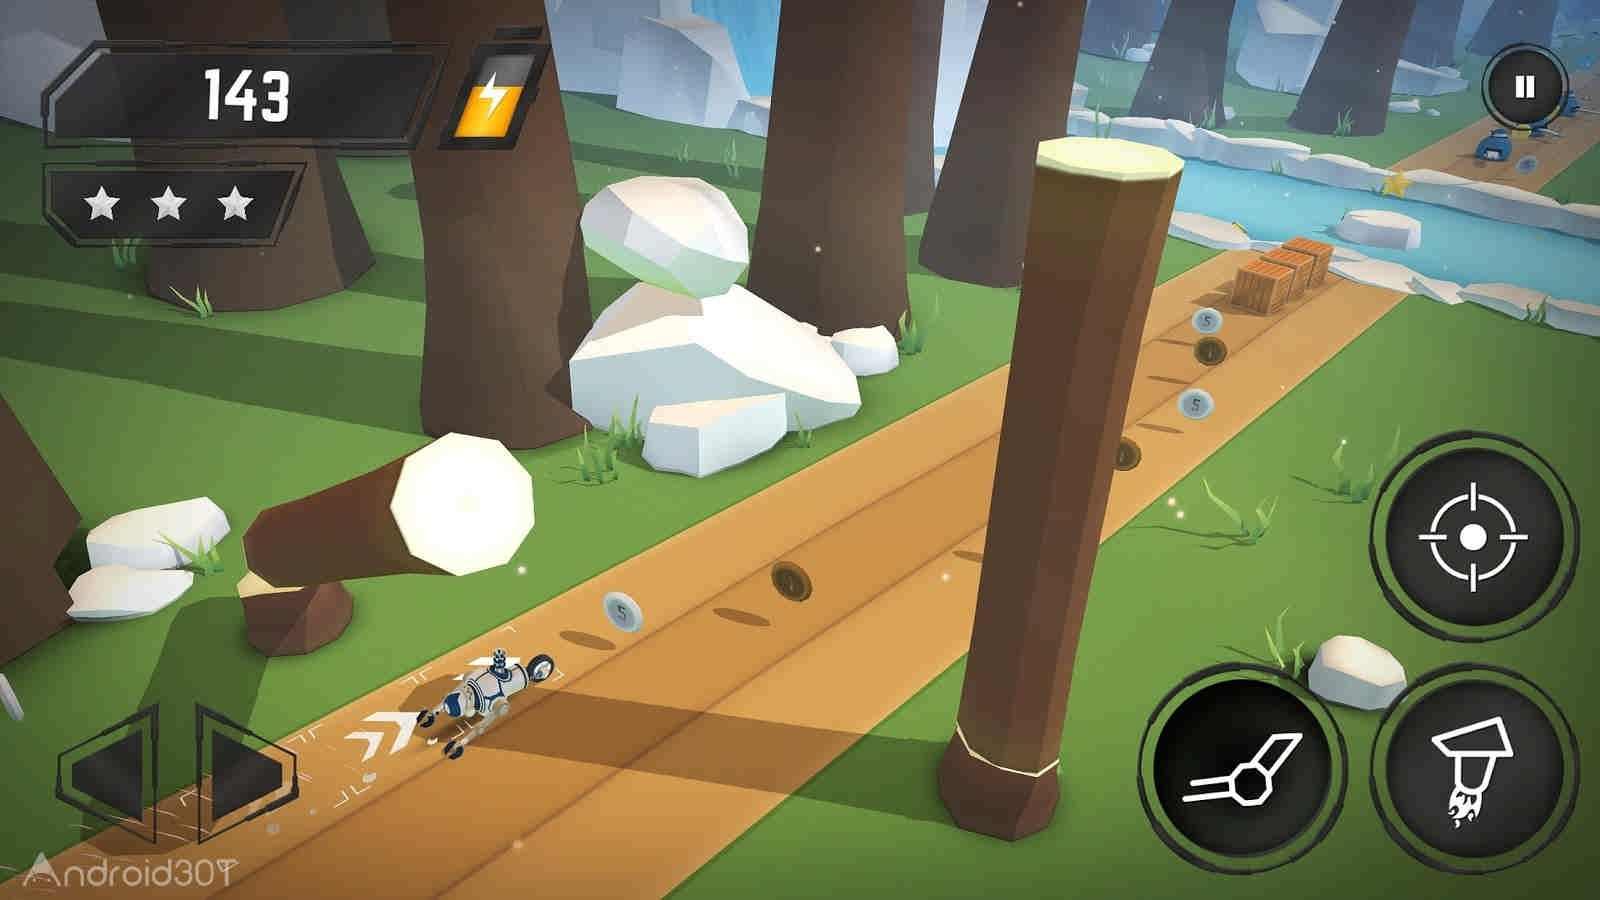 دانلود Crashbots 1.1.1 – بازی اکشن روبات های نابودگر اندروید